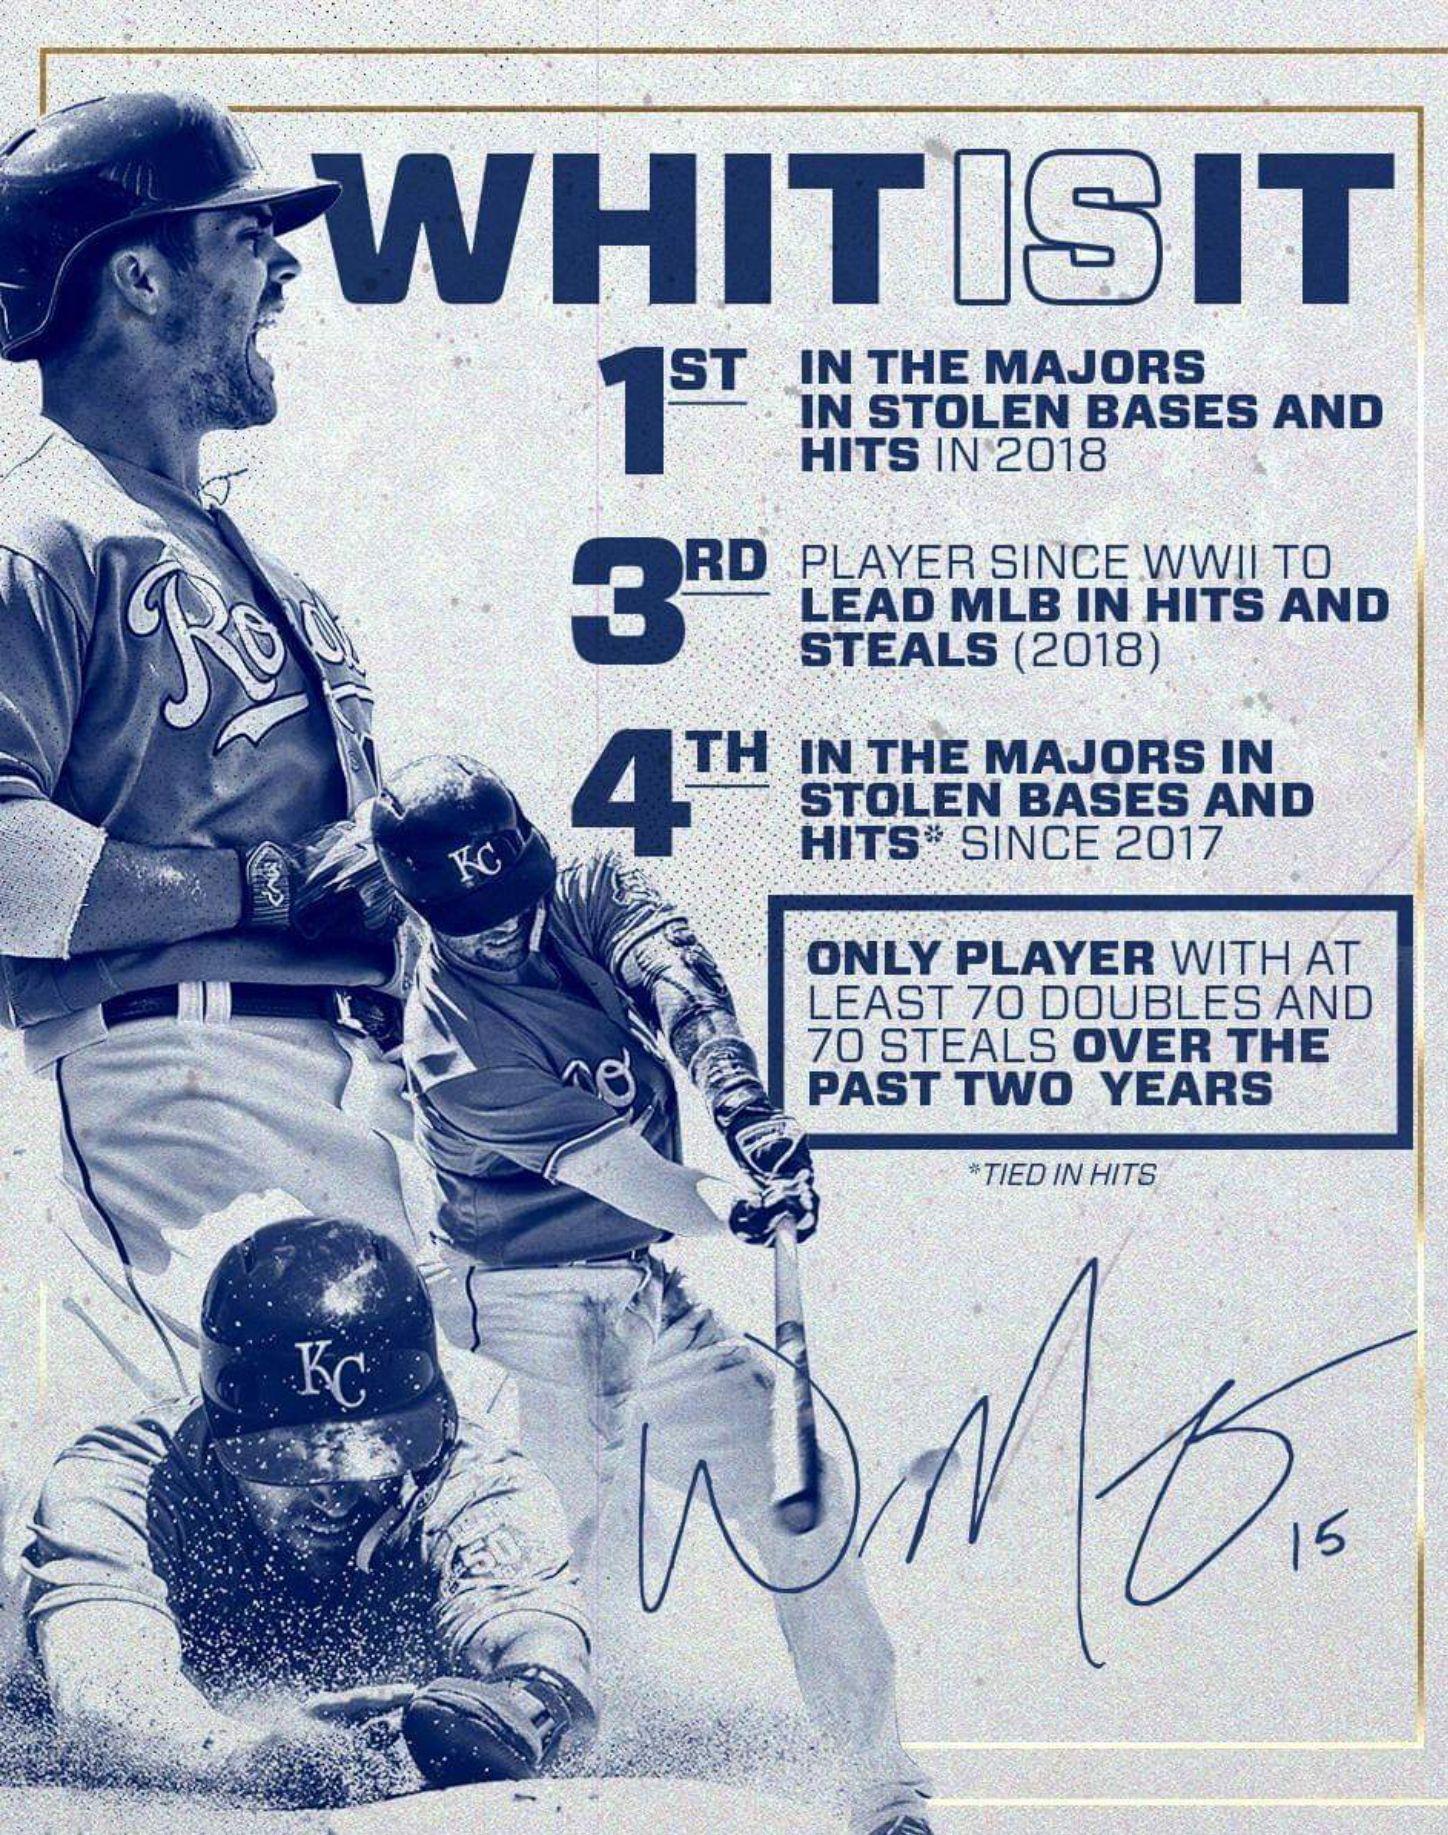 Pin By T Whiting On Kansas City Royals Kansas City Royals Baseball Major League Baseball Royals Baseball